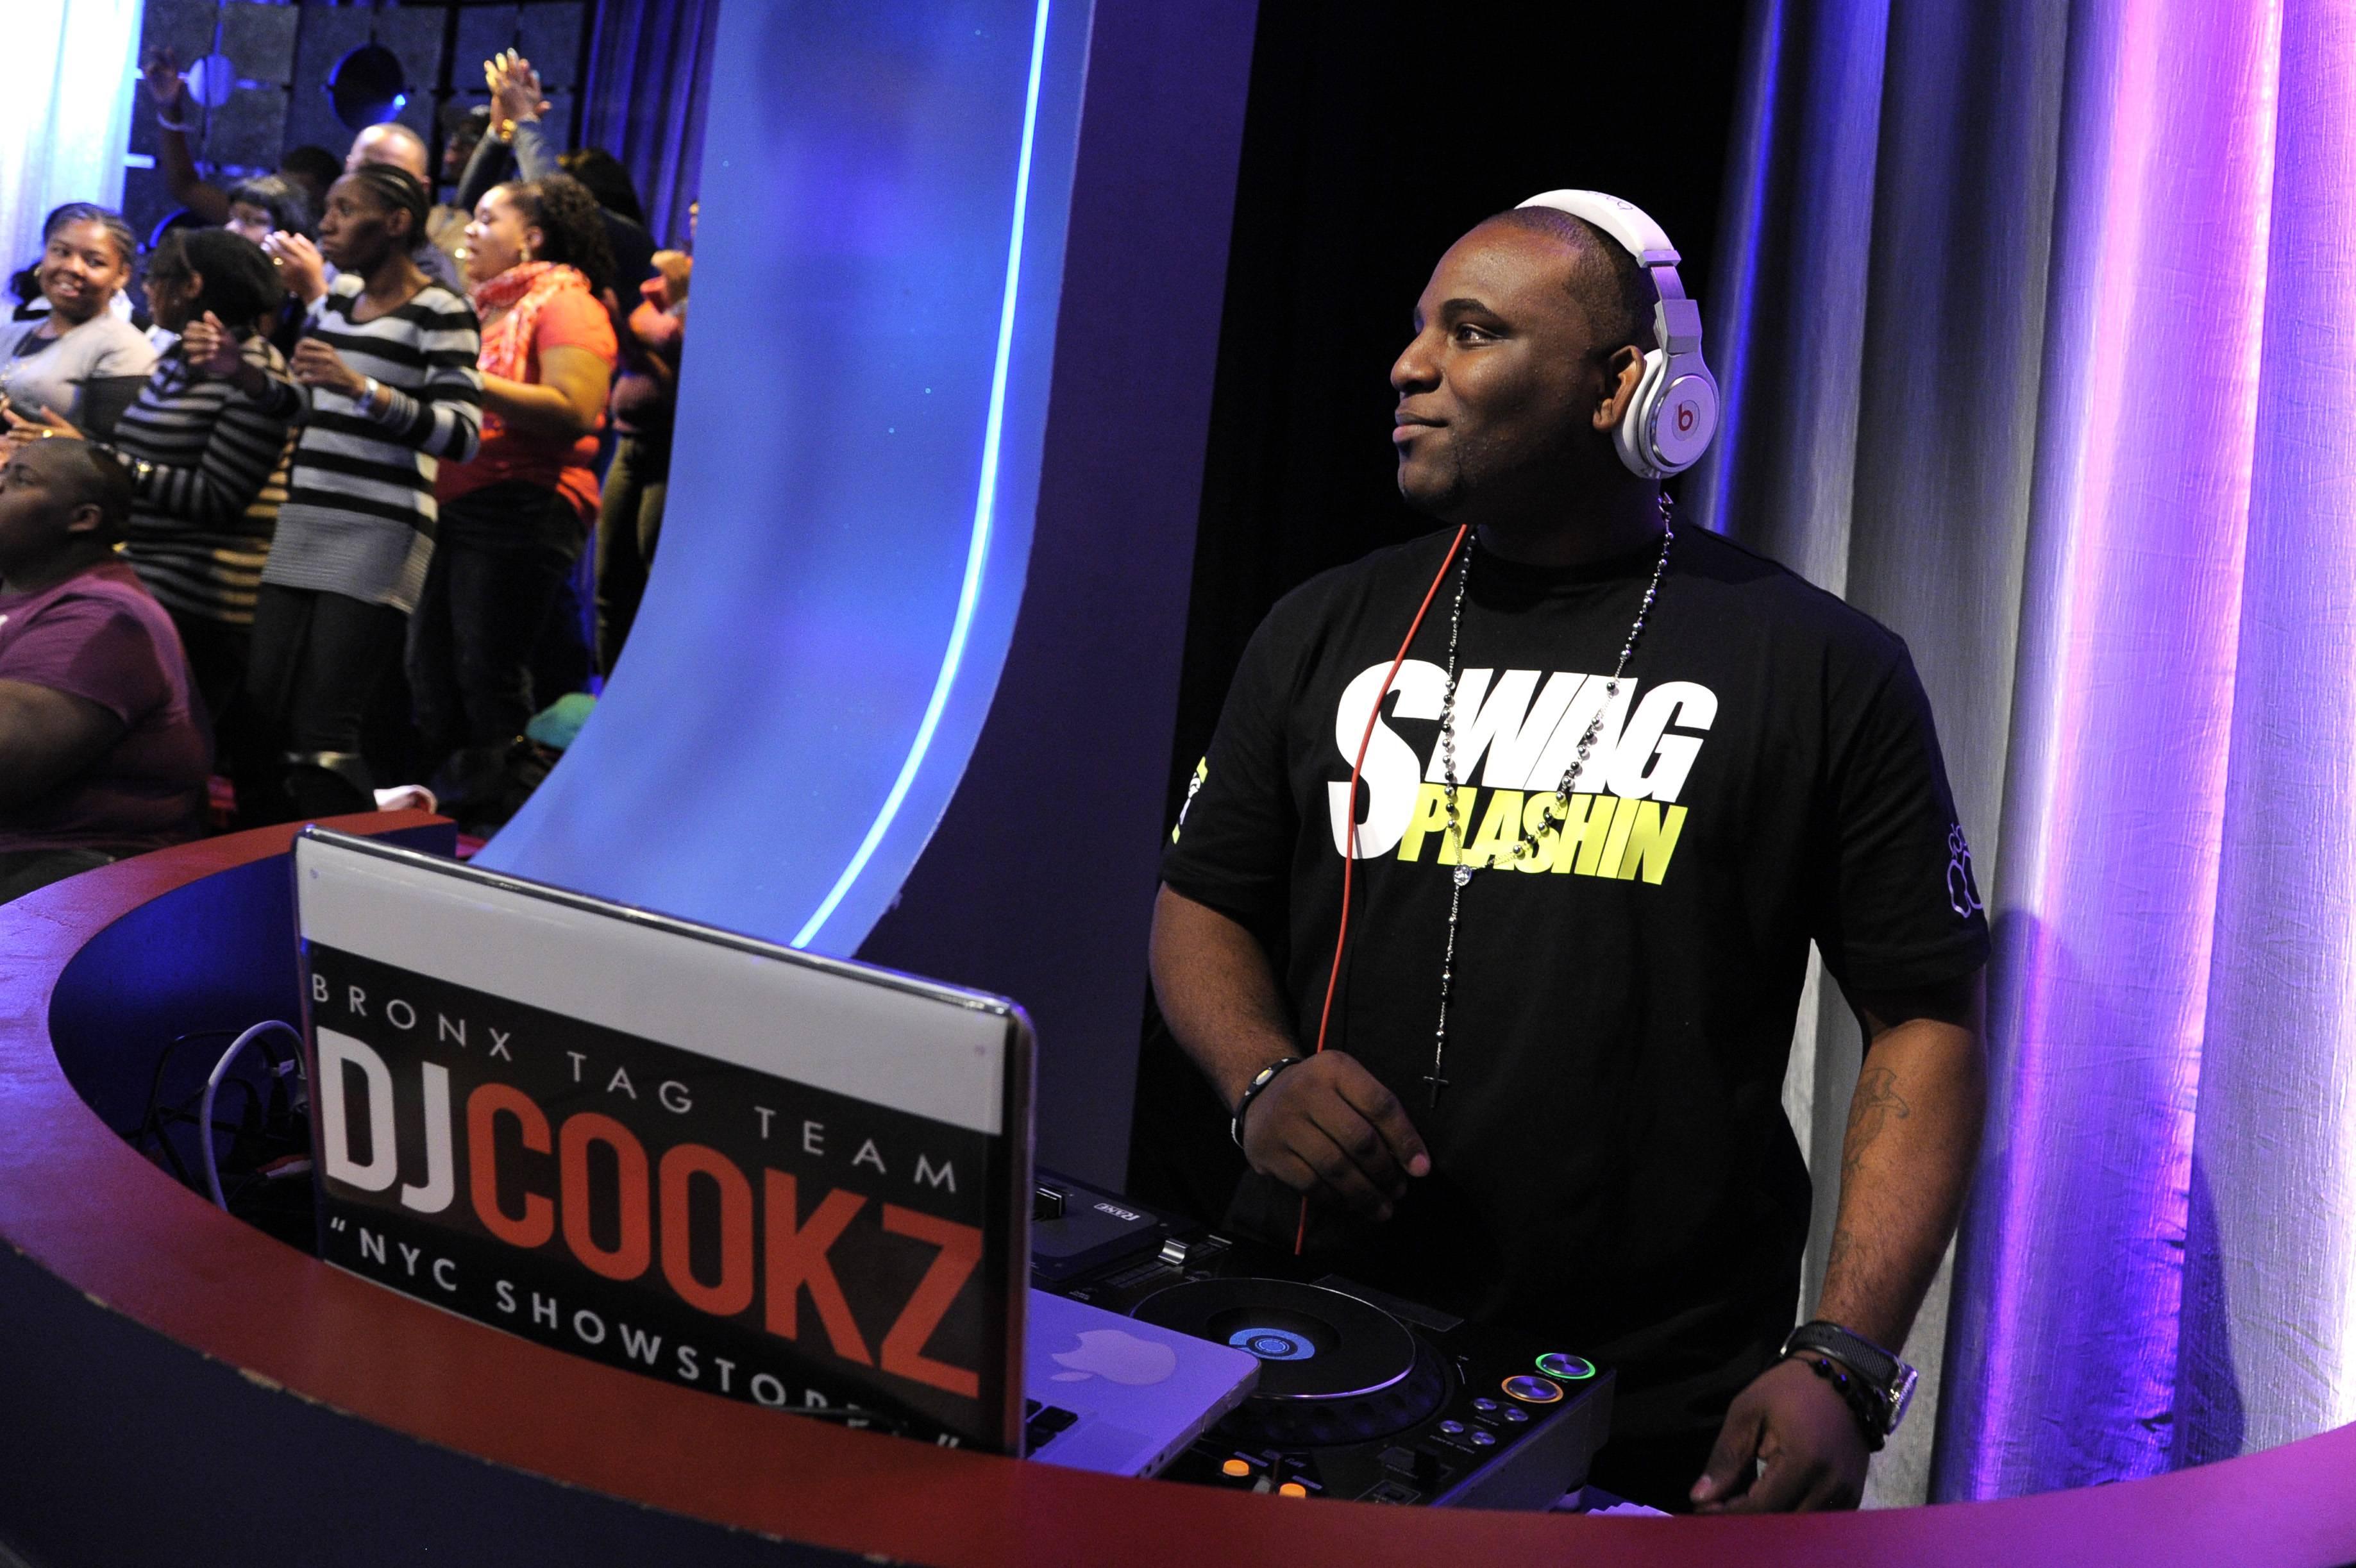 Enter the DJ - DJ Cookz at 106 & Park, January 05, 2012.(Photo: John Ricard/BET)